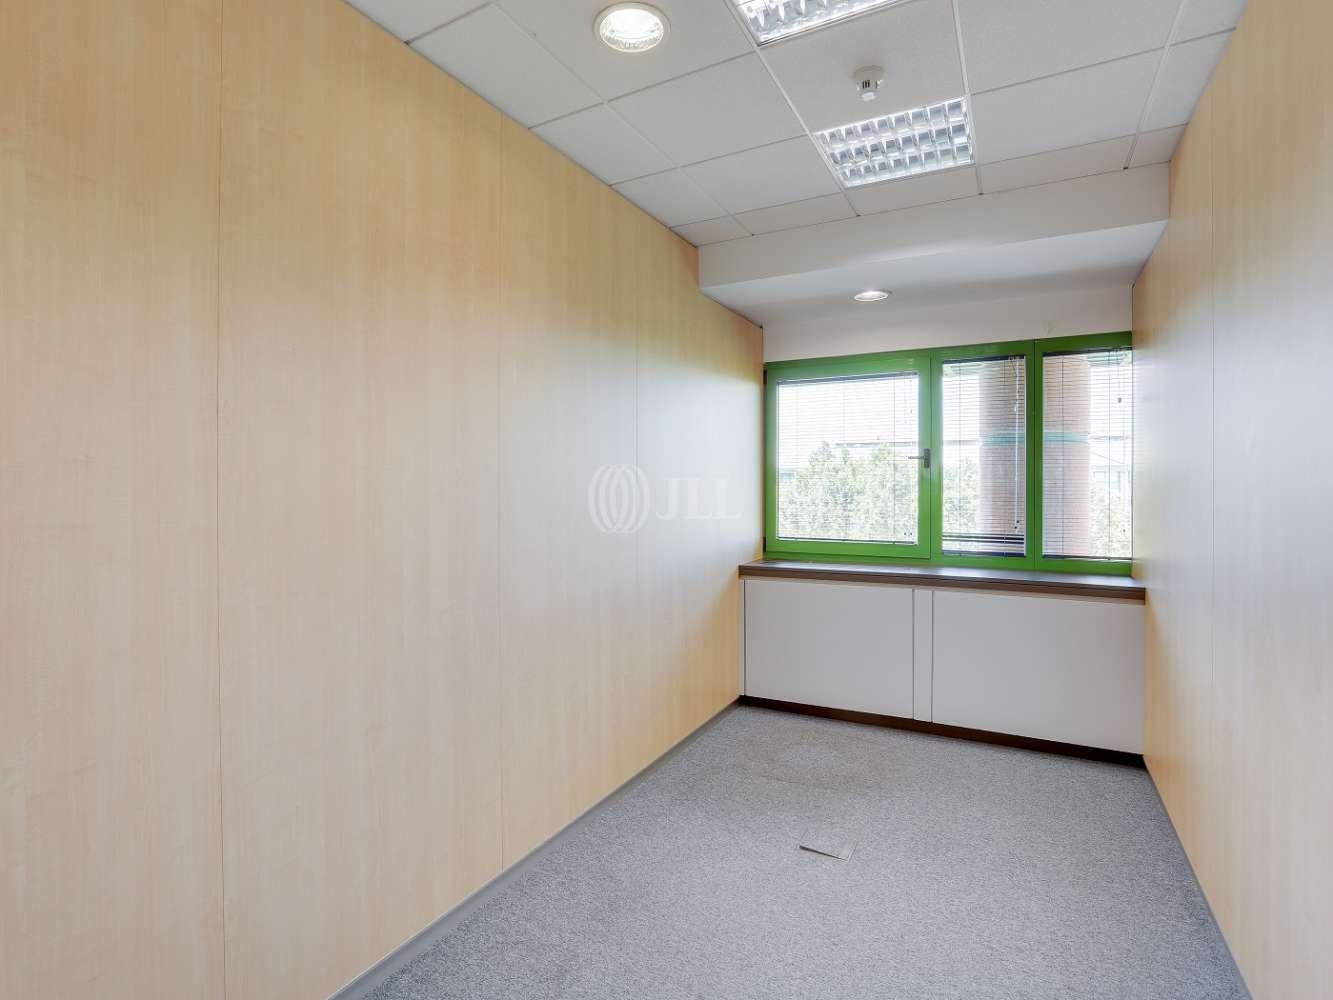 Oficina Pozuelo de alarcón, 28224 - Coworking - en Pozuelo